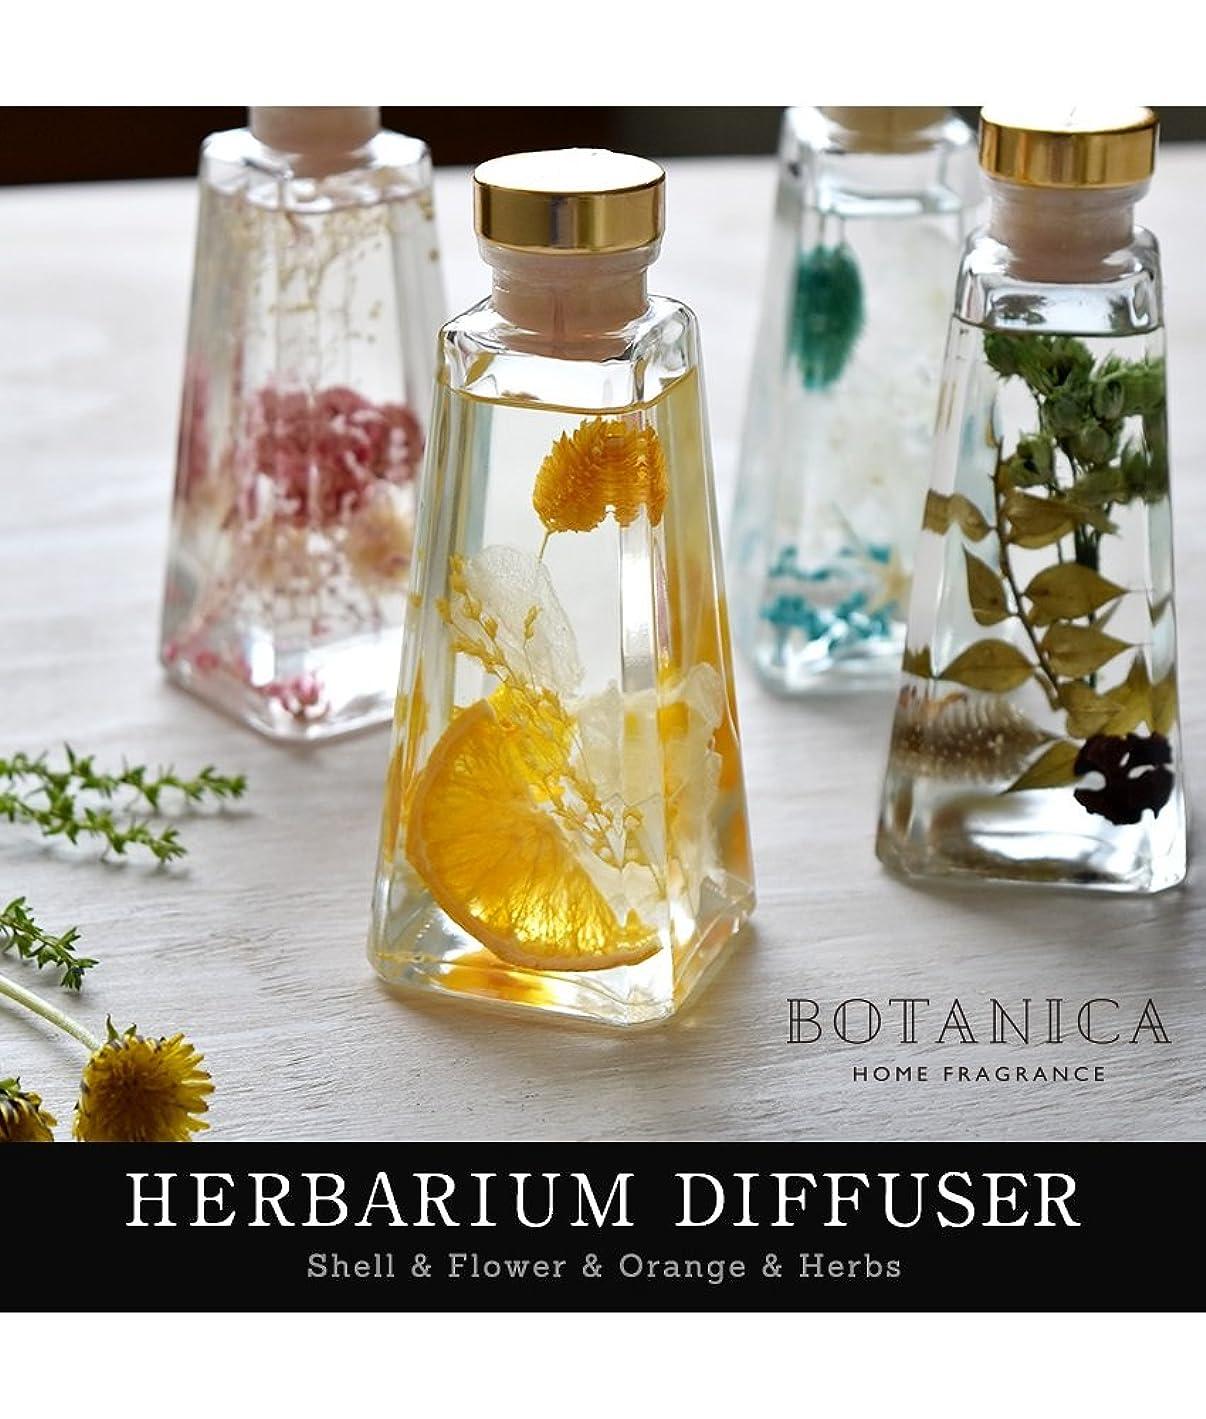 しわエーカー慣らすボタニカ ハーバリウム ディフューザー 【グリーン/Neat Herbs】 ホームフレグランス